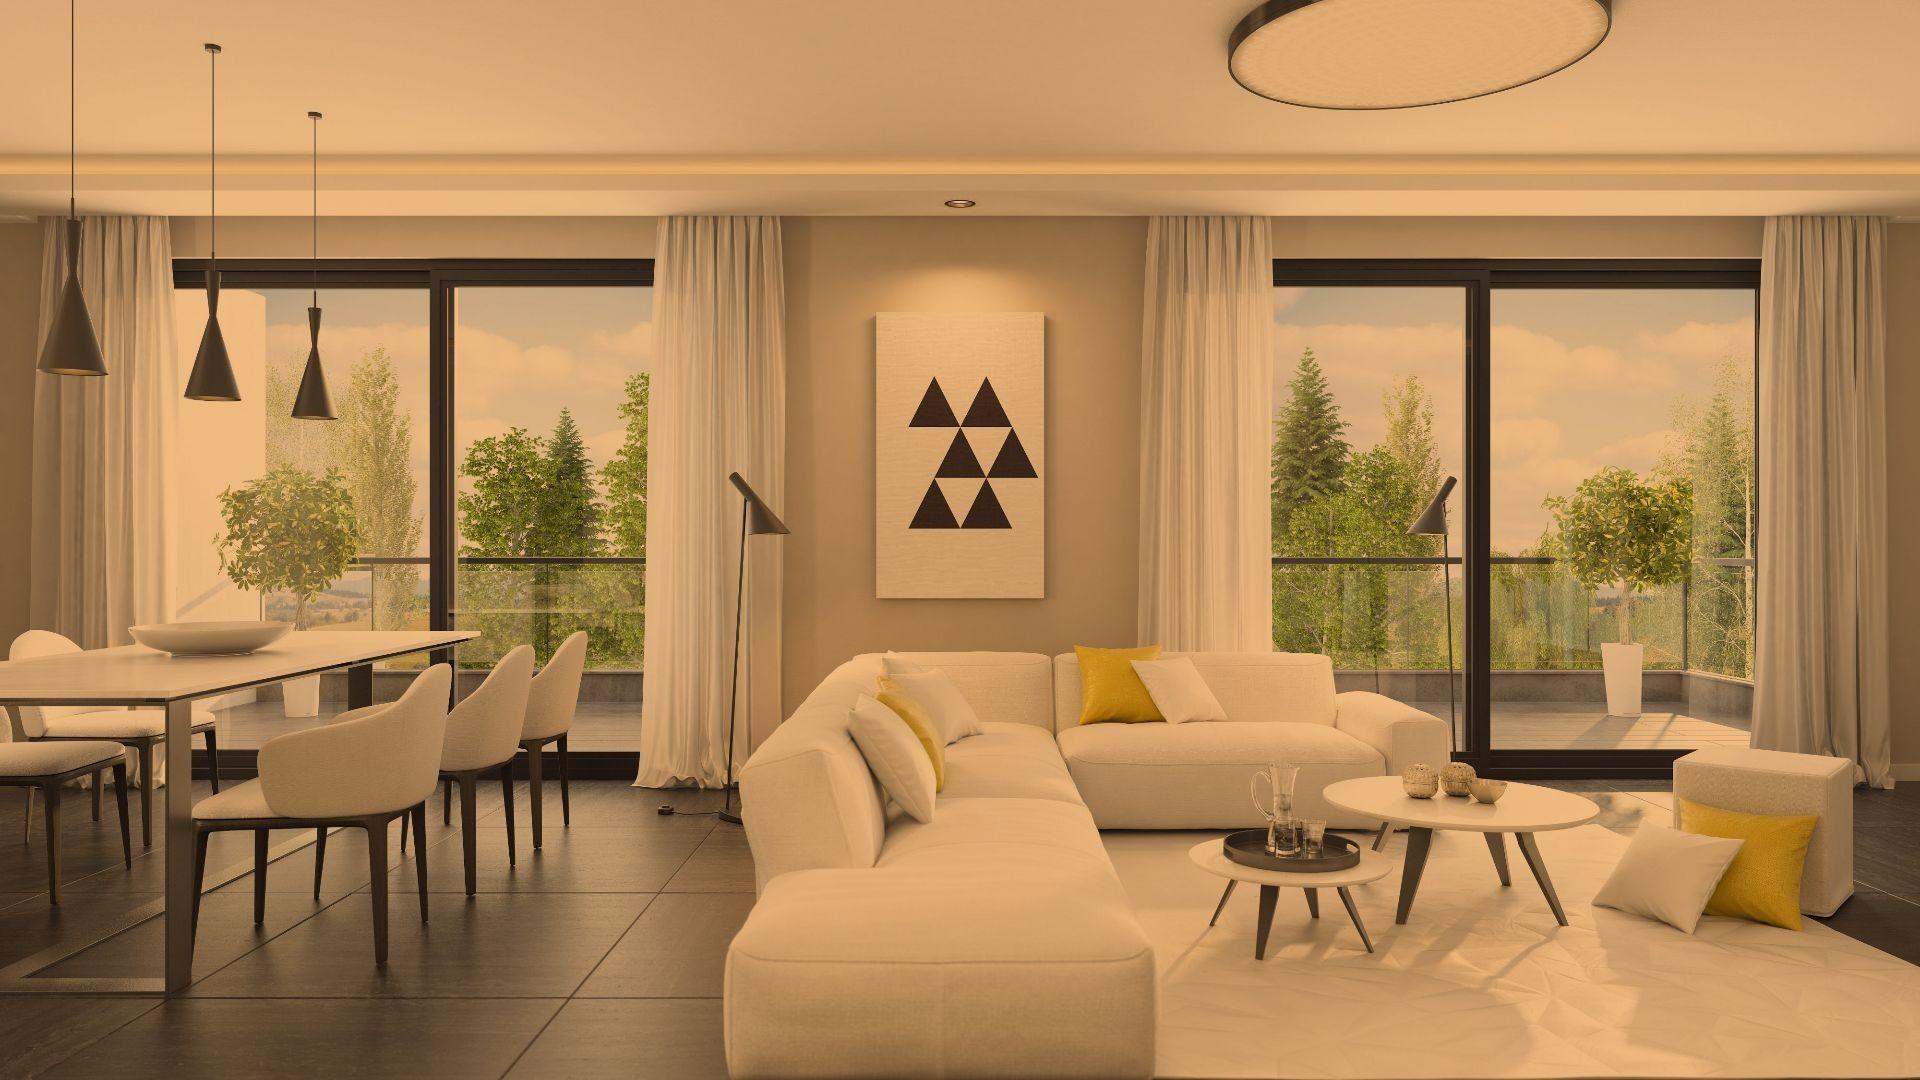 Venta de muebles en Lleida